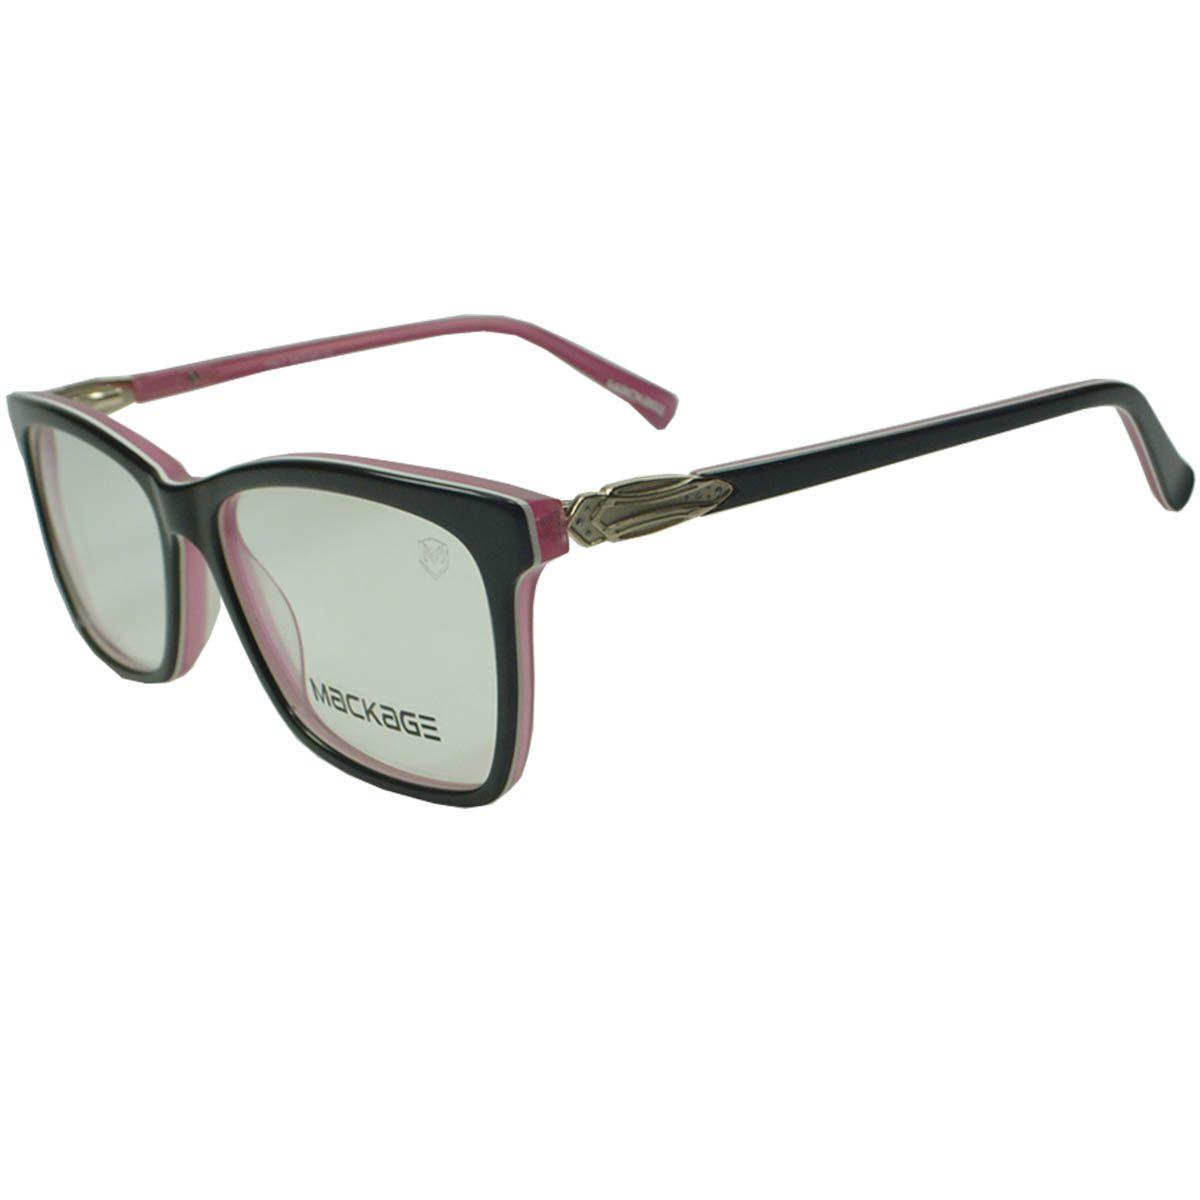 6d60c232956fc Armação para óculos de grau